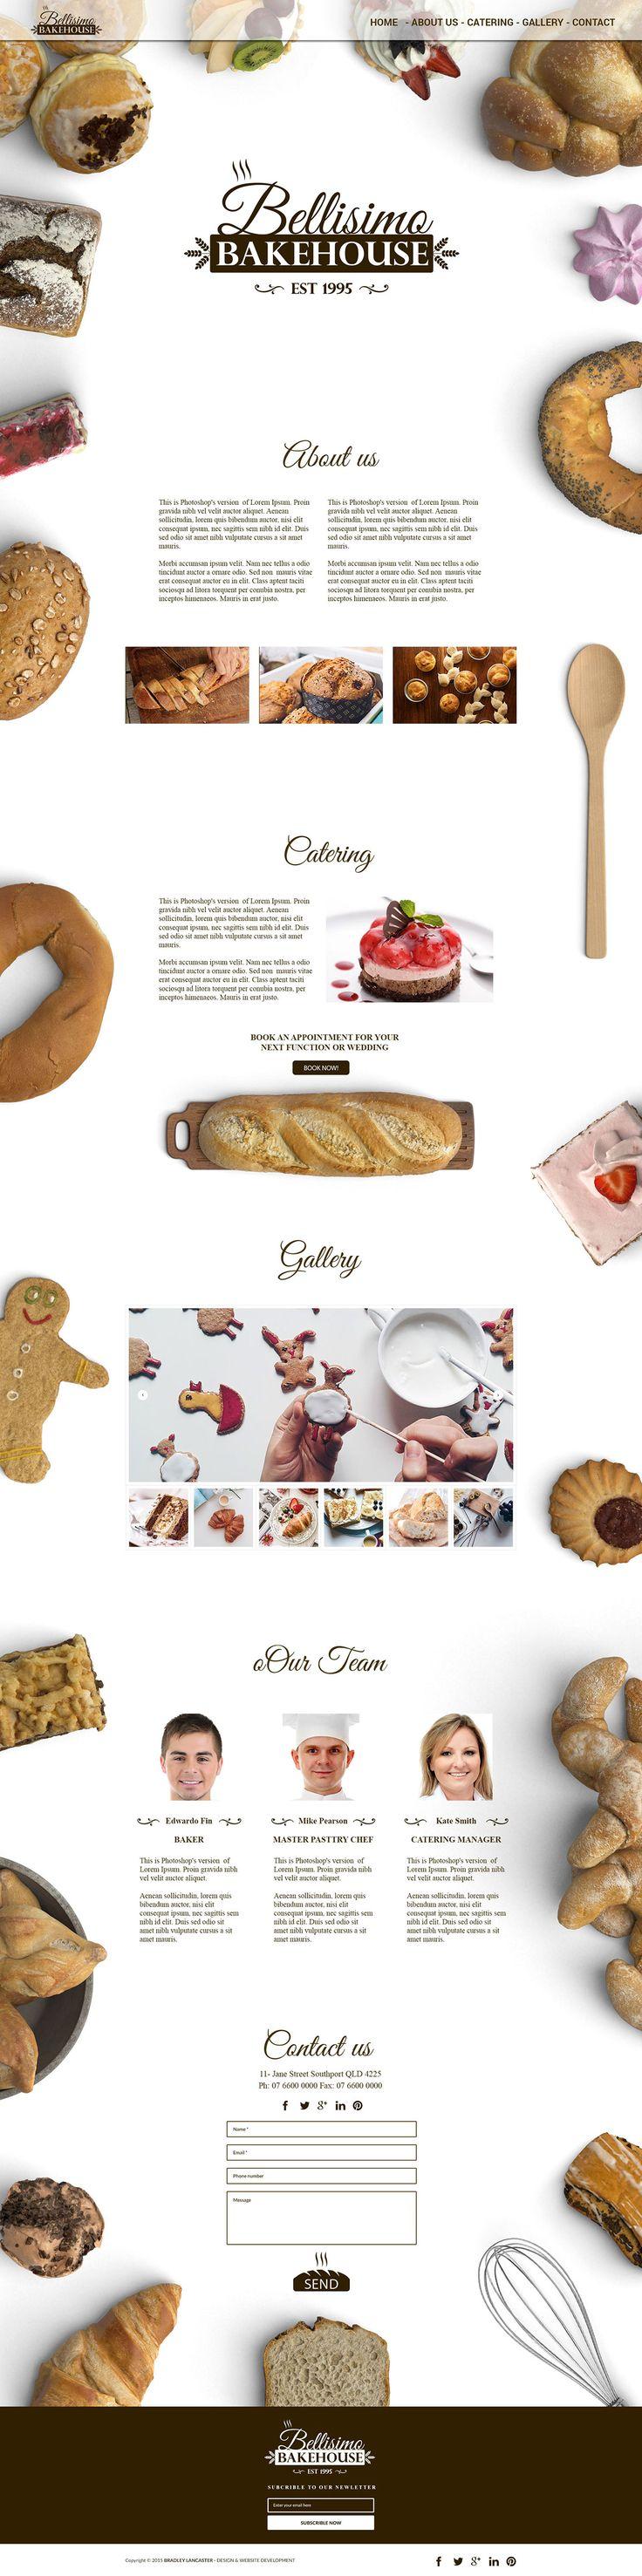 A clean elegant logo design, branding identity and website design for Bellisimo Bakehouse Bakery.